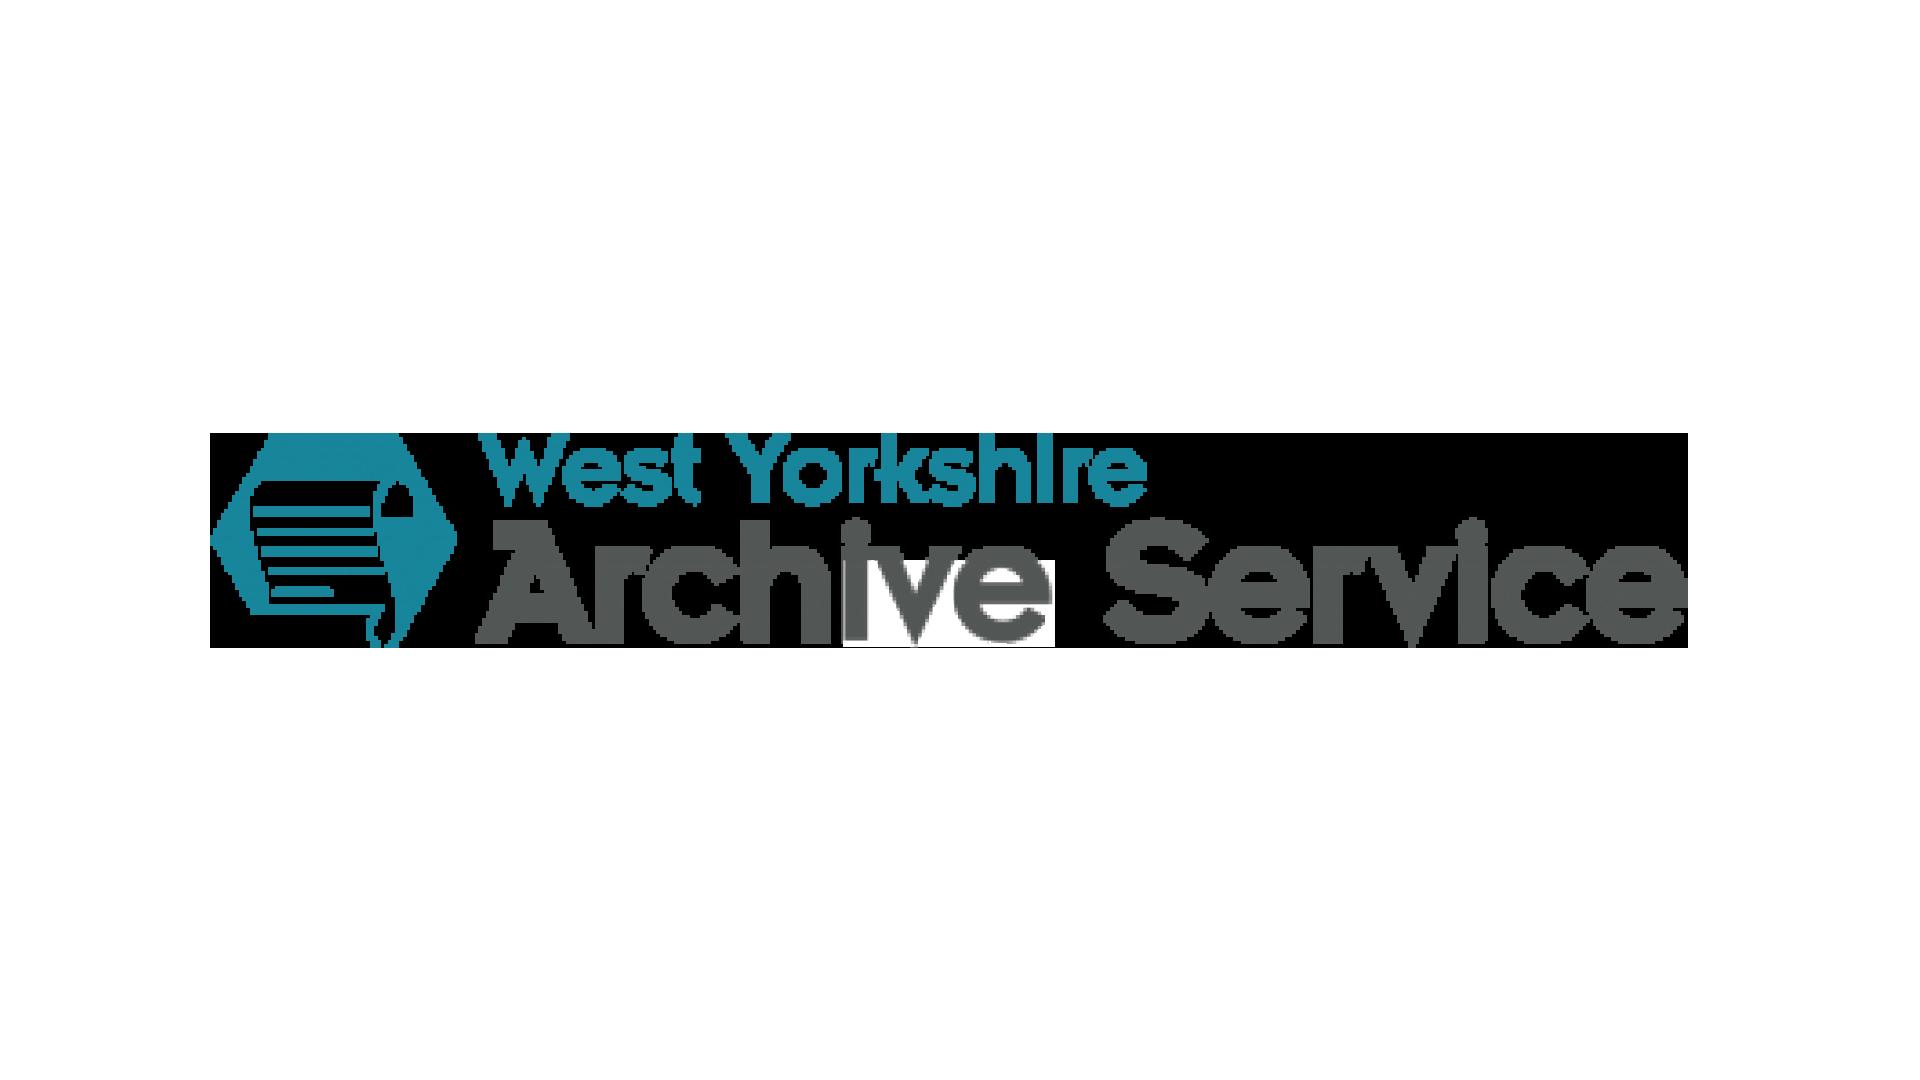 CADS Client West Yorkshire Archive Service